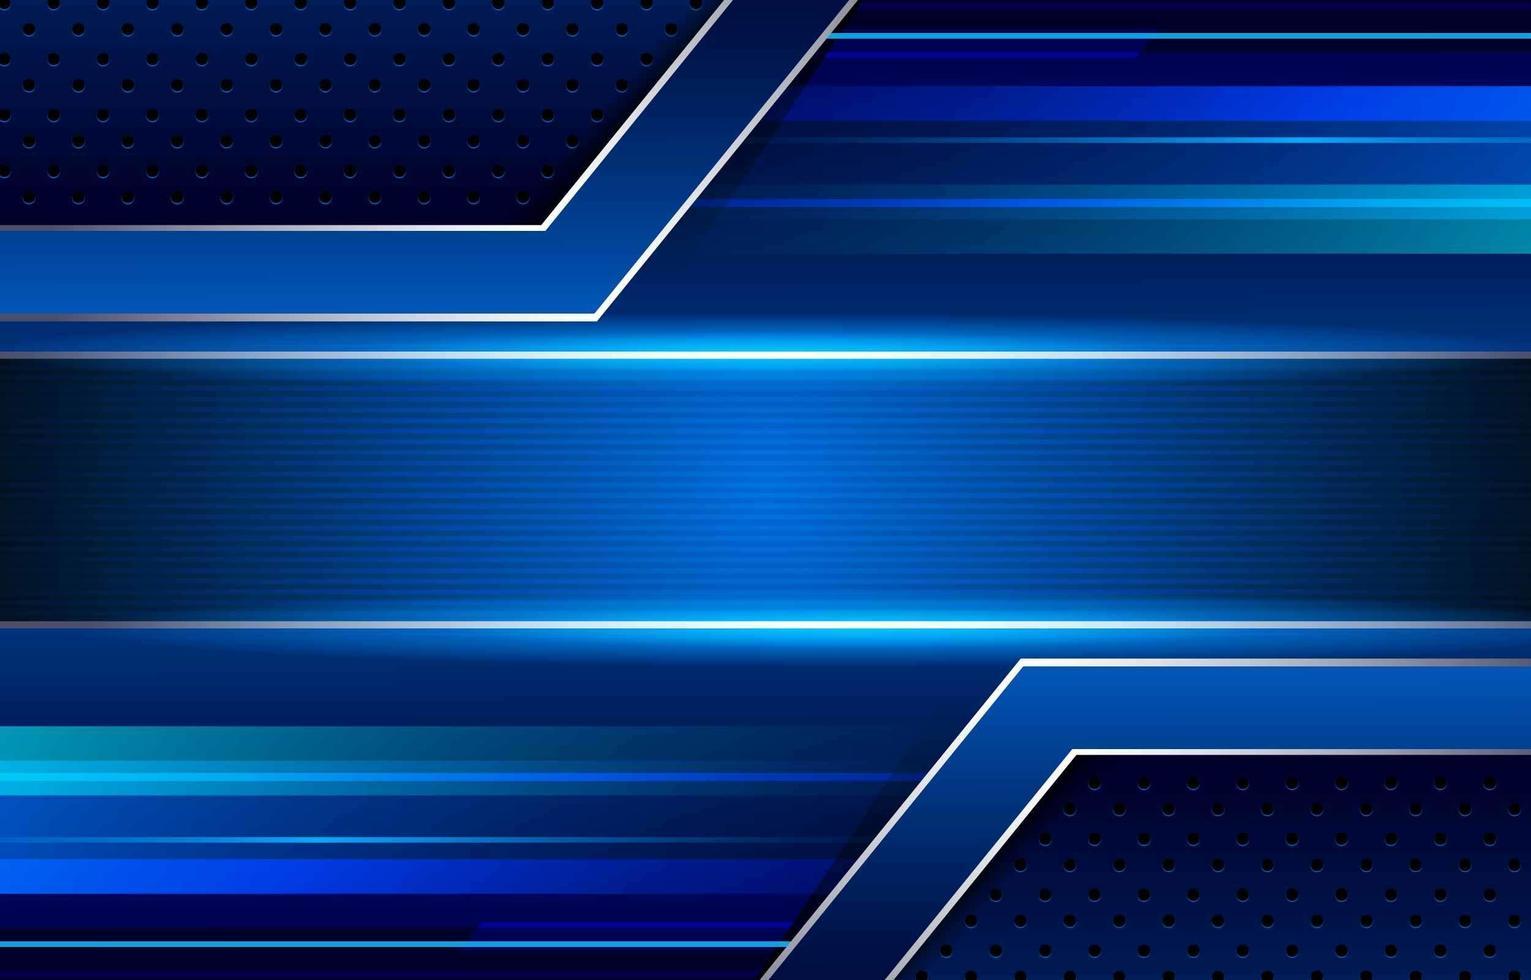 fond bleu dynamique abstrait vecteur